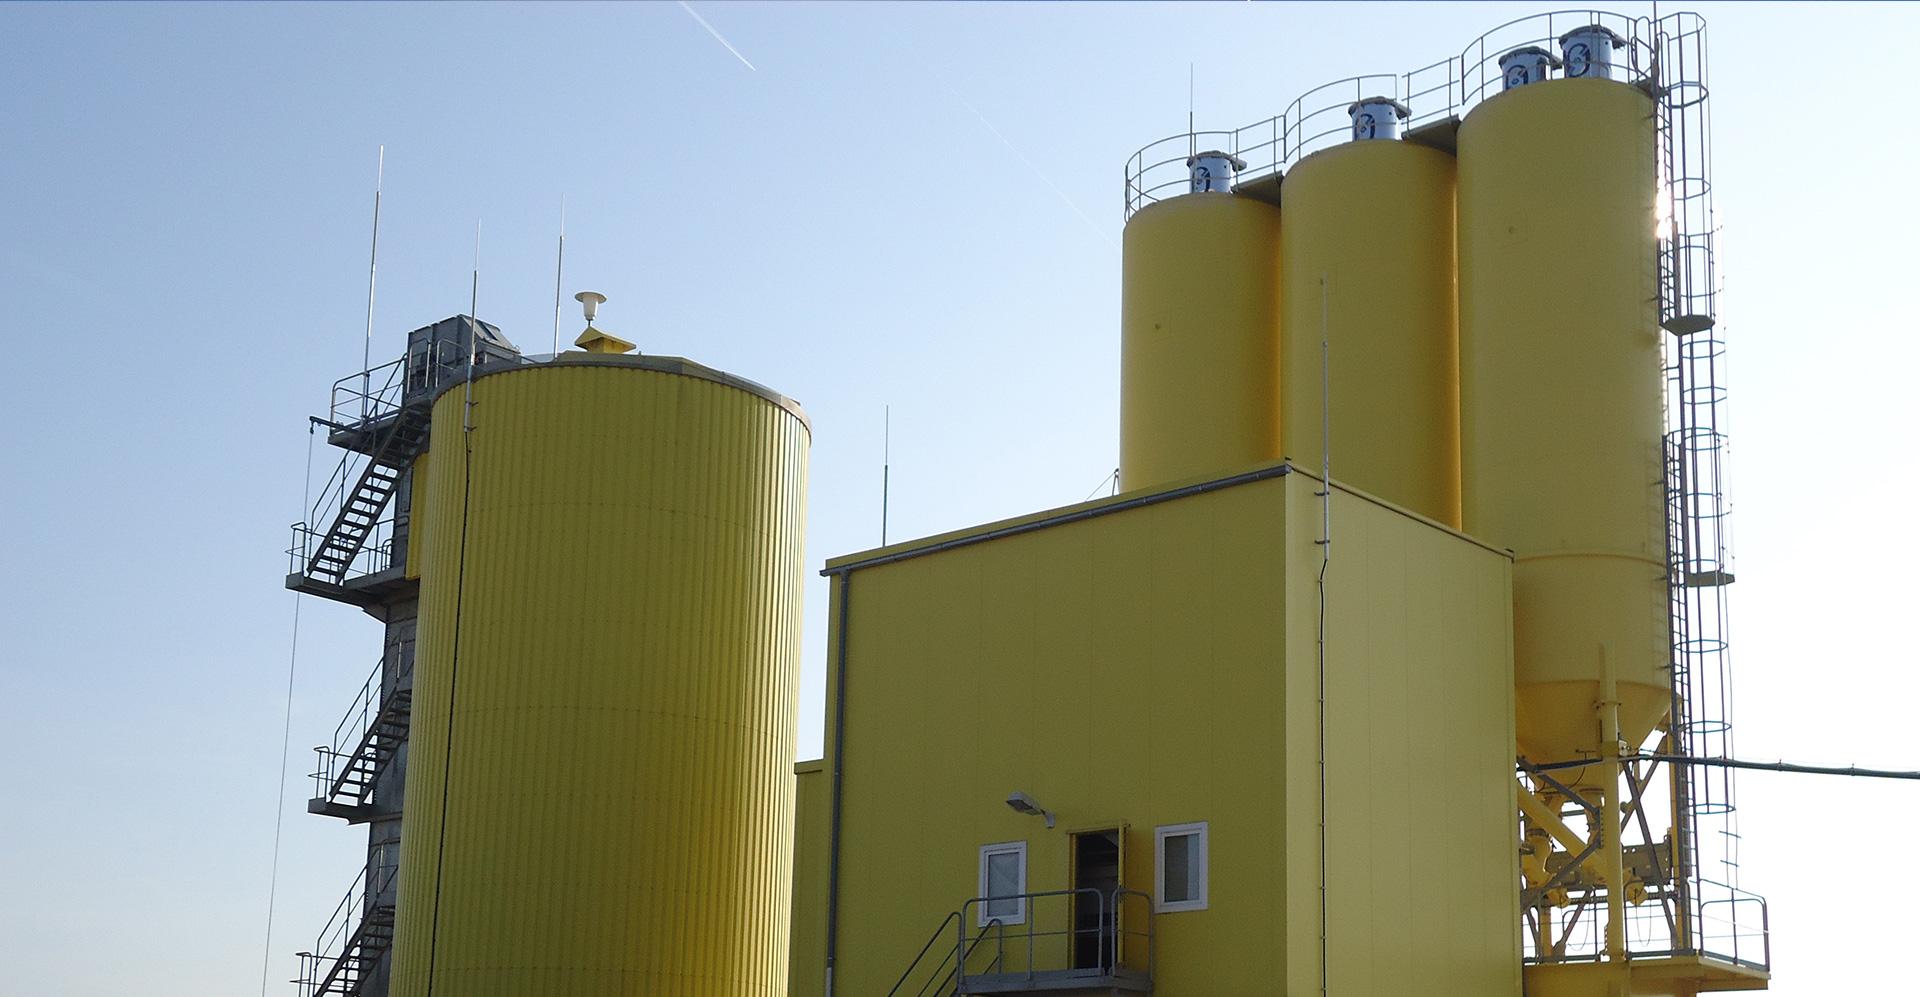 Nienburger Baustoff-Gesellschaft mbH & Co. KG